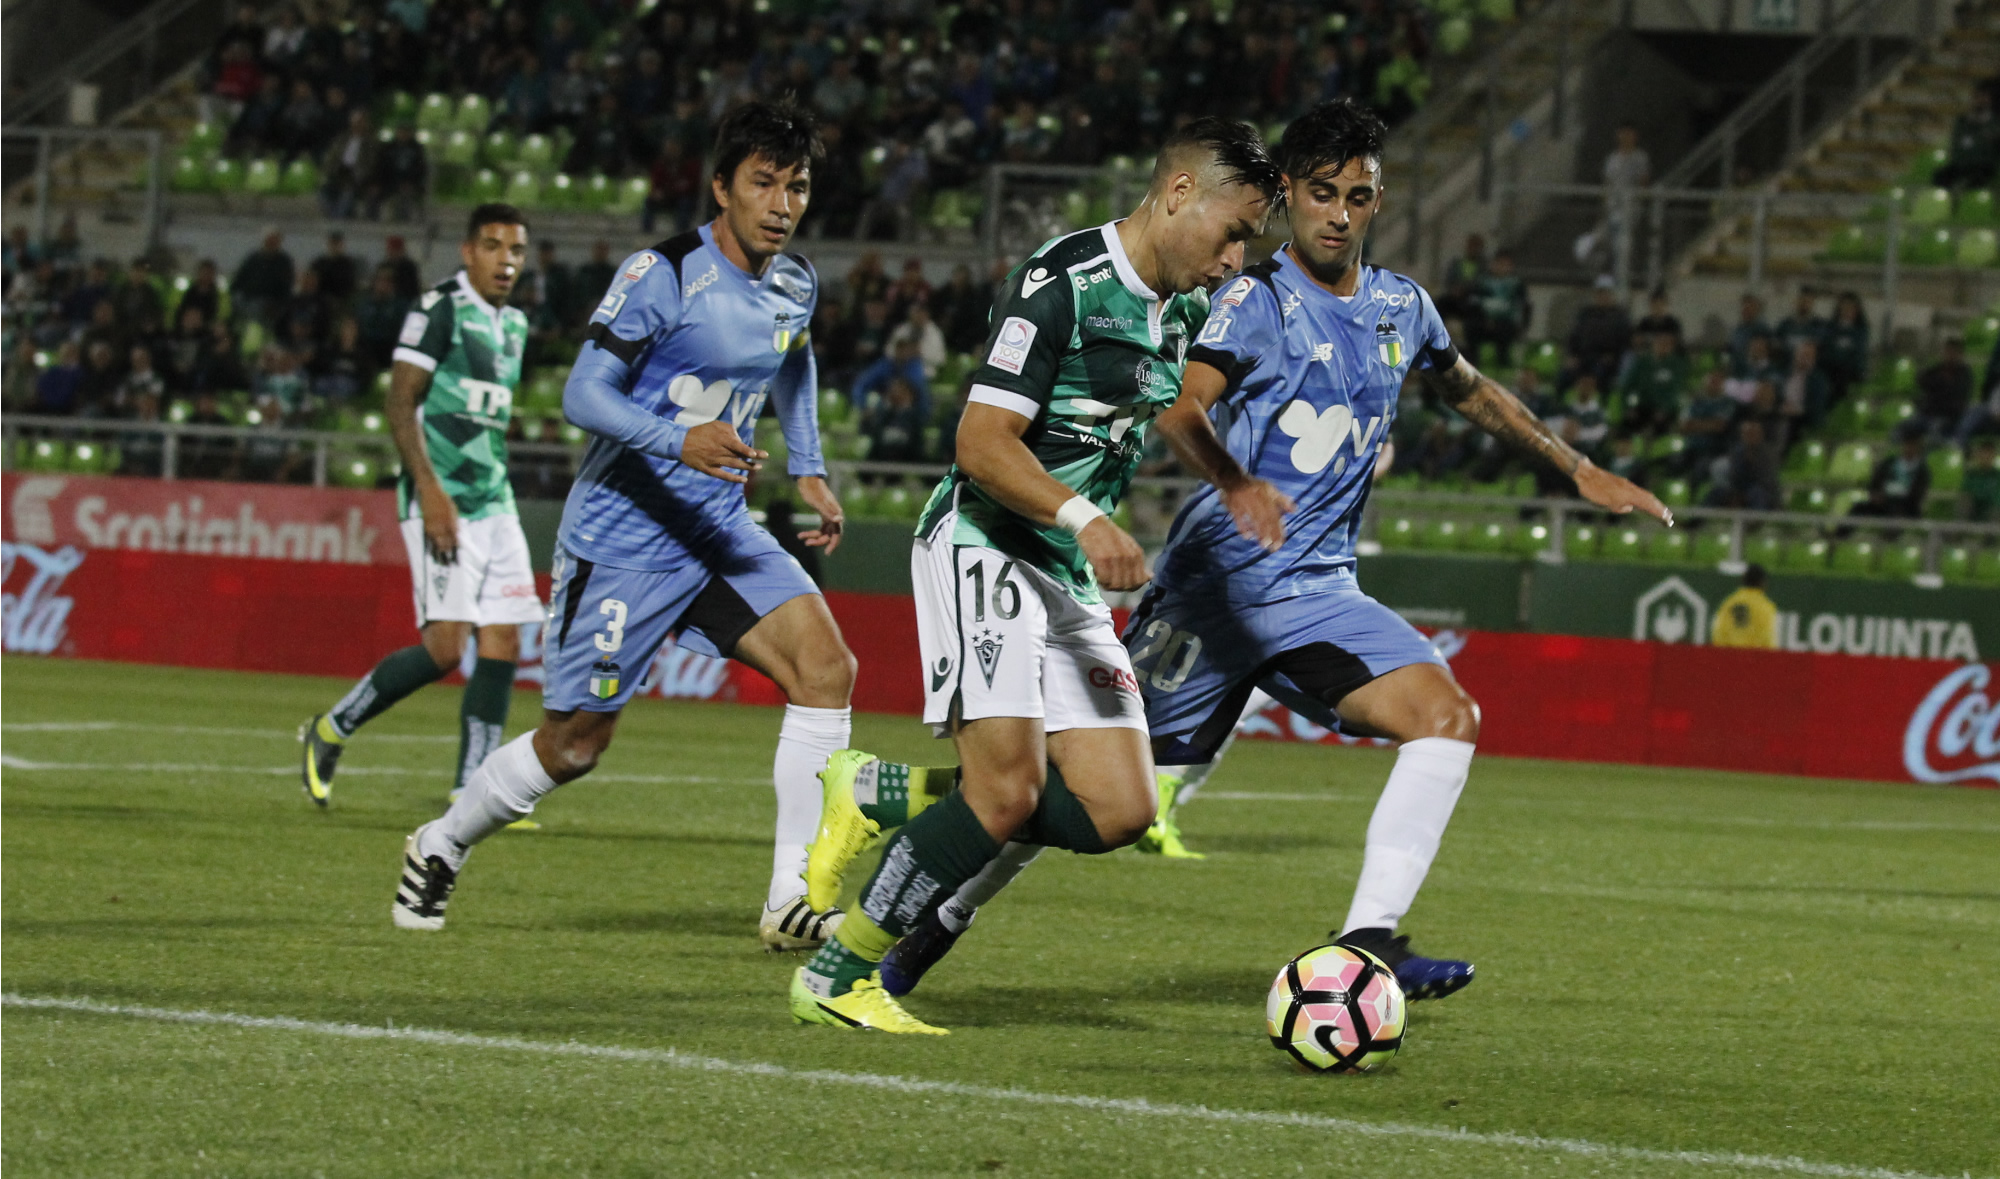 Galería de fotos: Santiago Wanderers vs O'Higgins